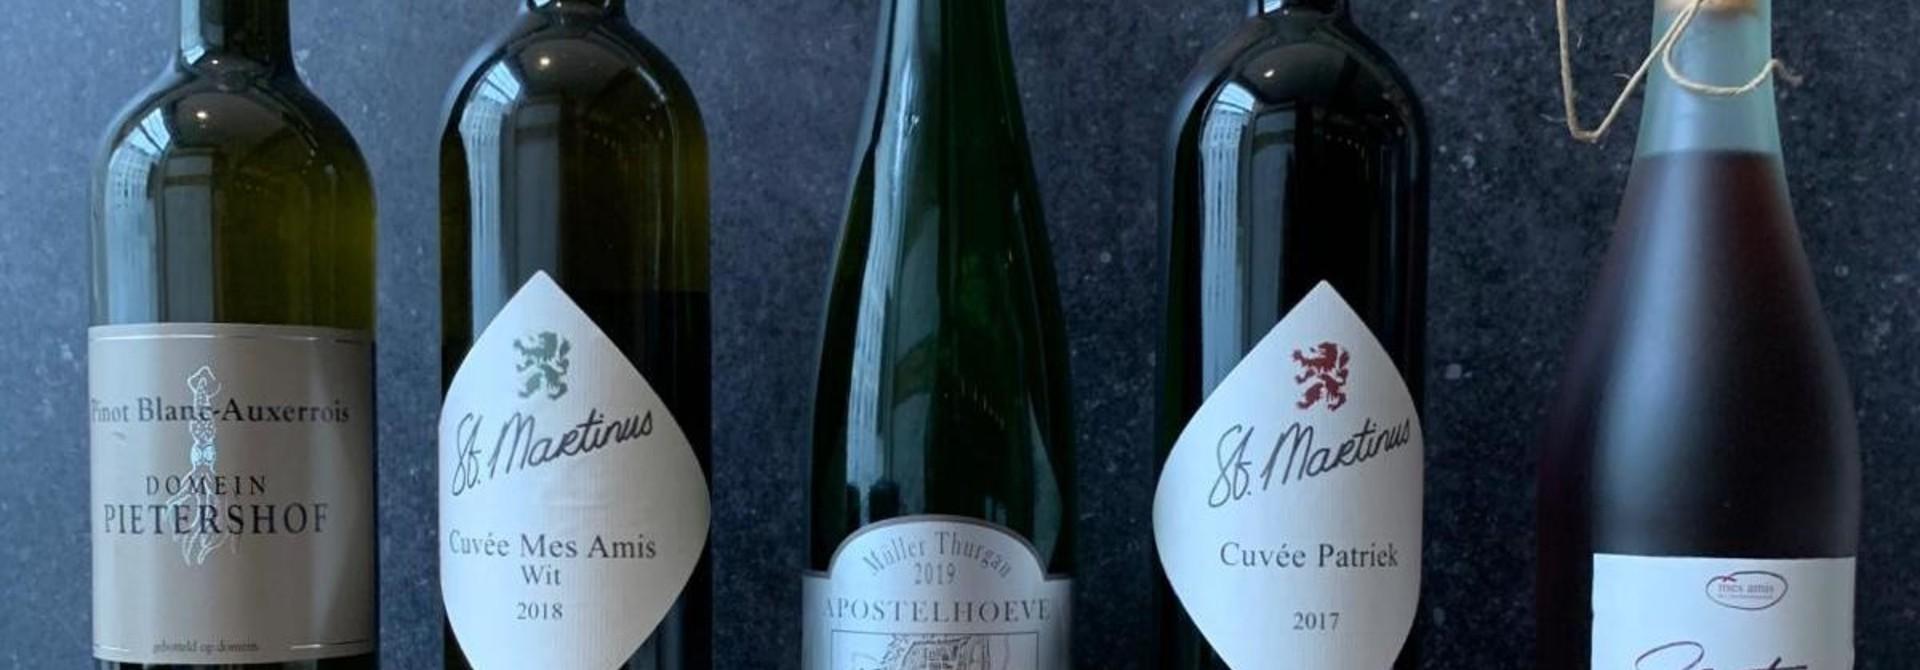 5 flessen Limburgse wijn voor bij het 5 gangenmenu